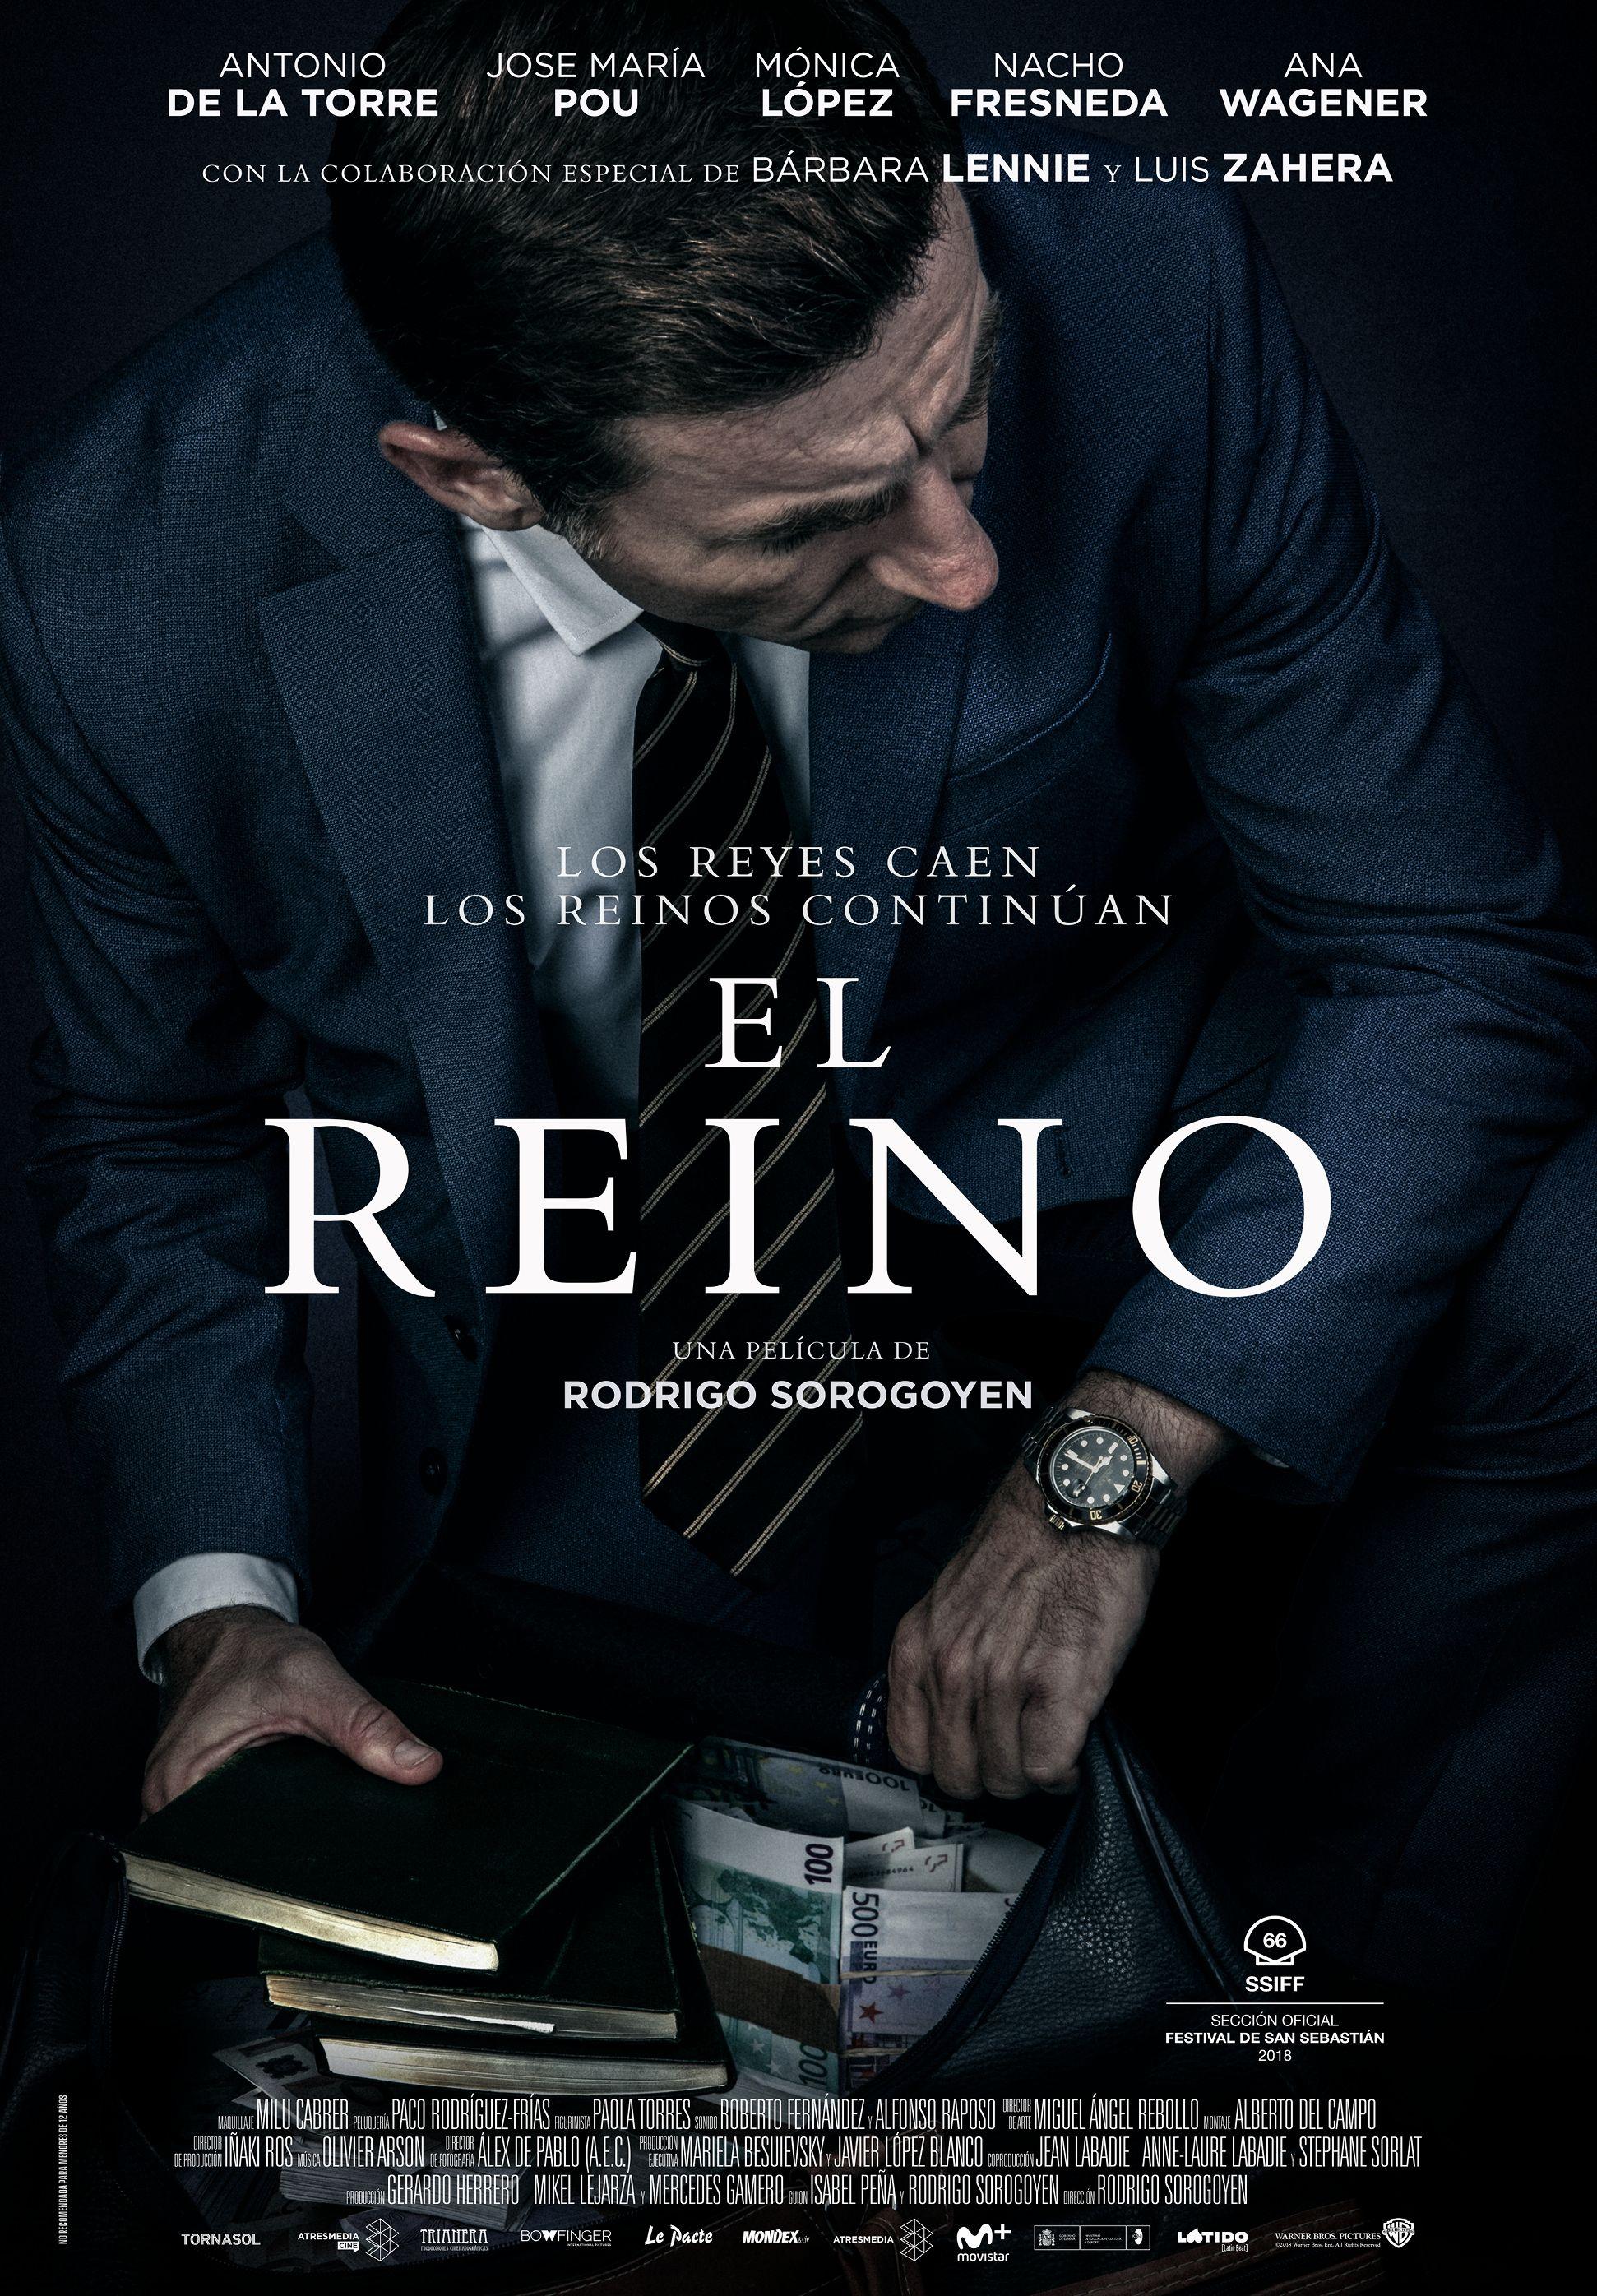 Últimas películas que has visto - (La liga 2018 en el primer post) - Página 6 El-reino-main-1532594637